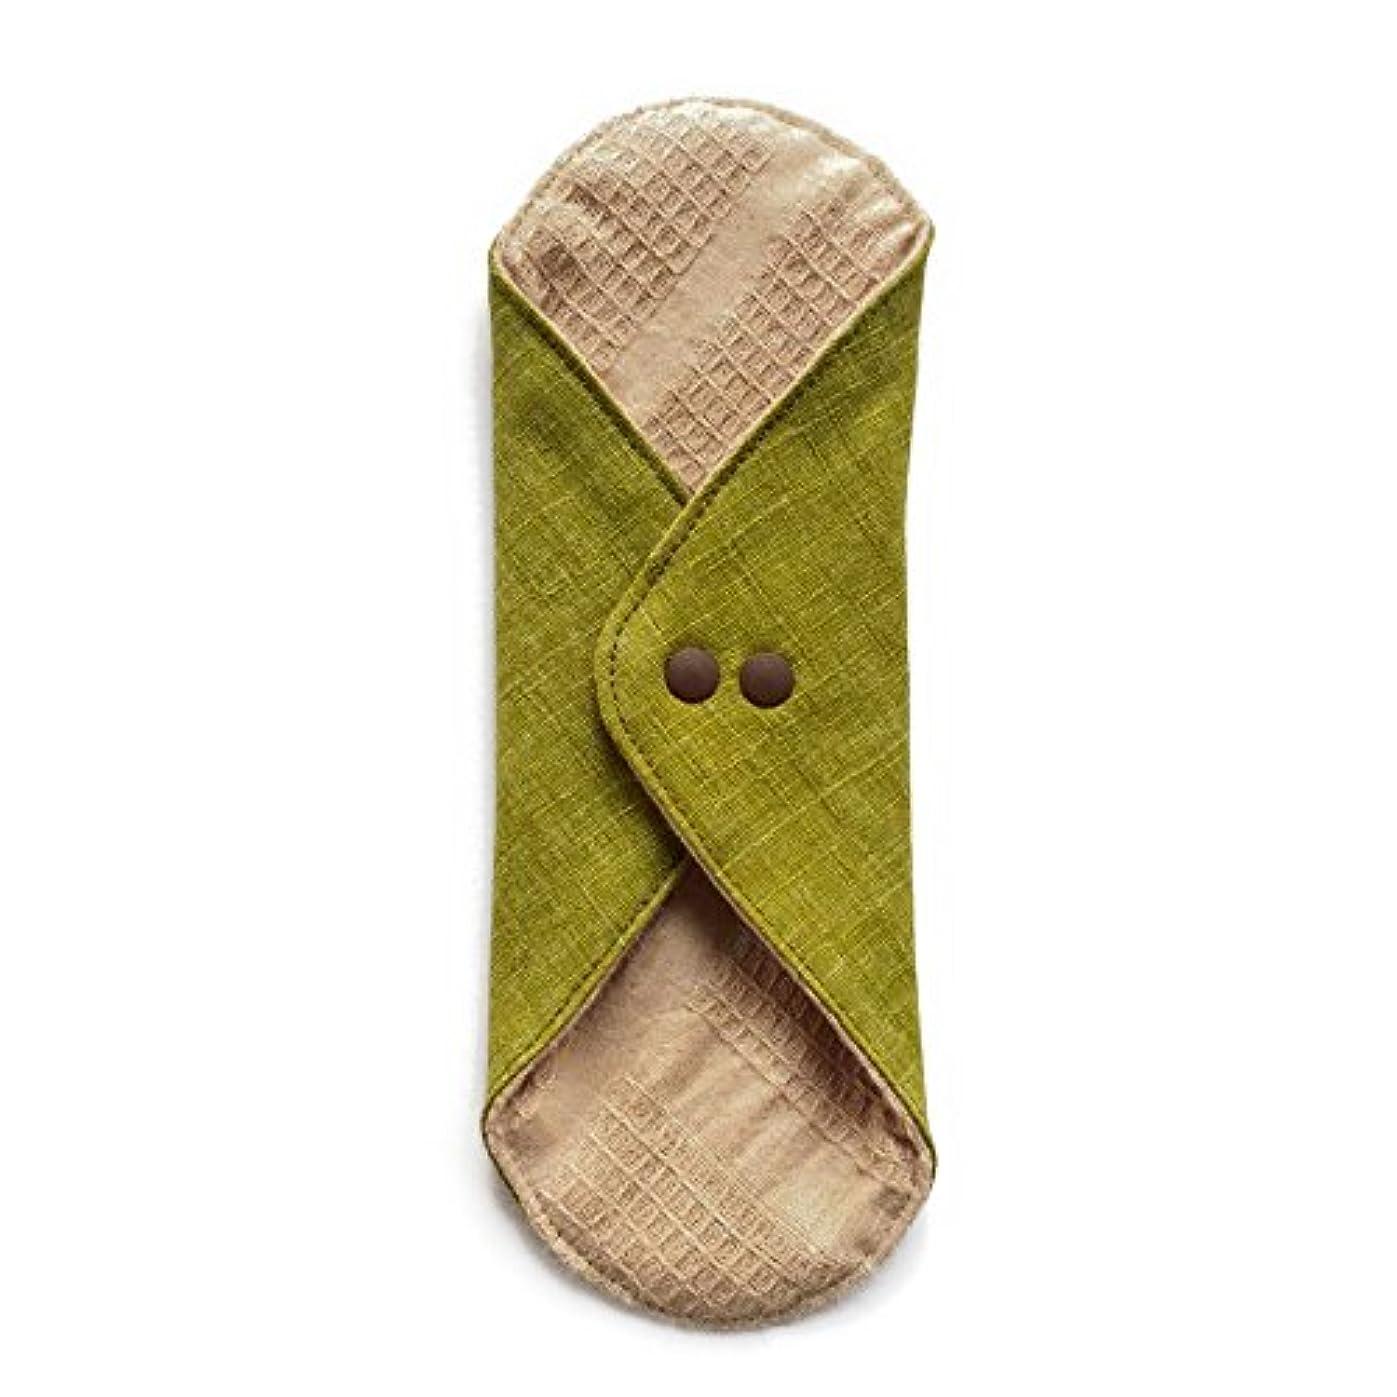 息切れ受動的驚いた華布のオーガニックコットンのあたため布 Lサイズ (約18×約20.5×約0.5cm) 彩り(抹茶)